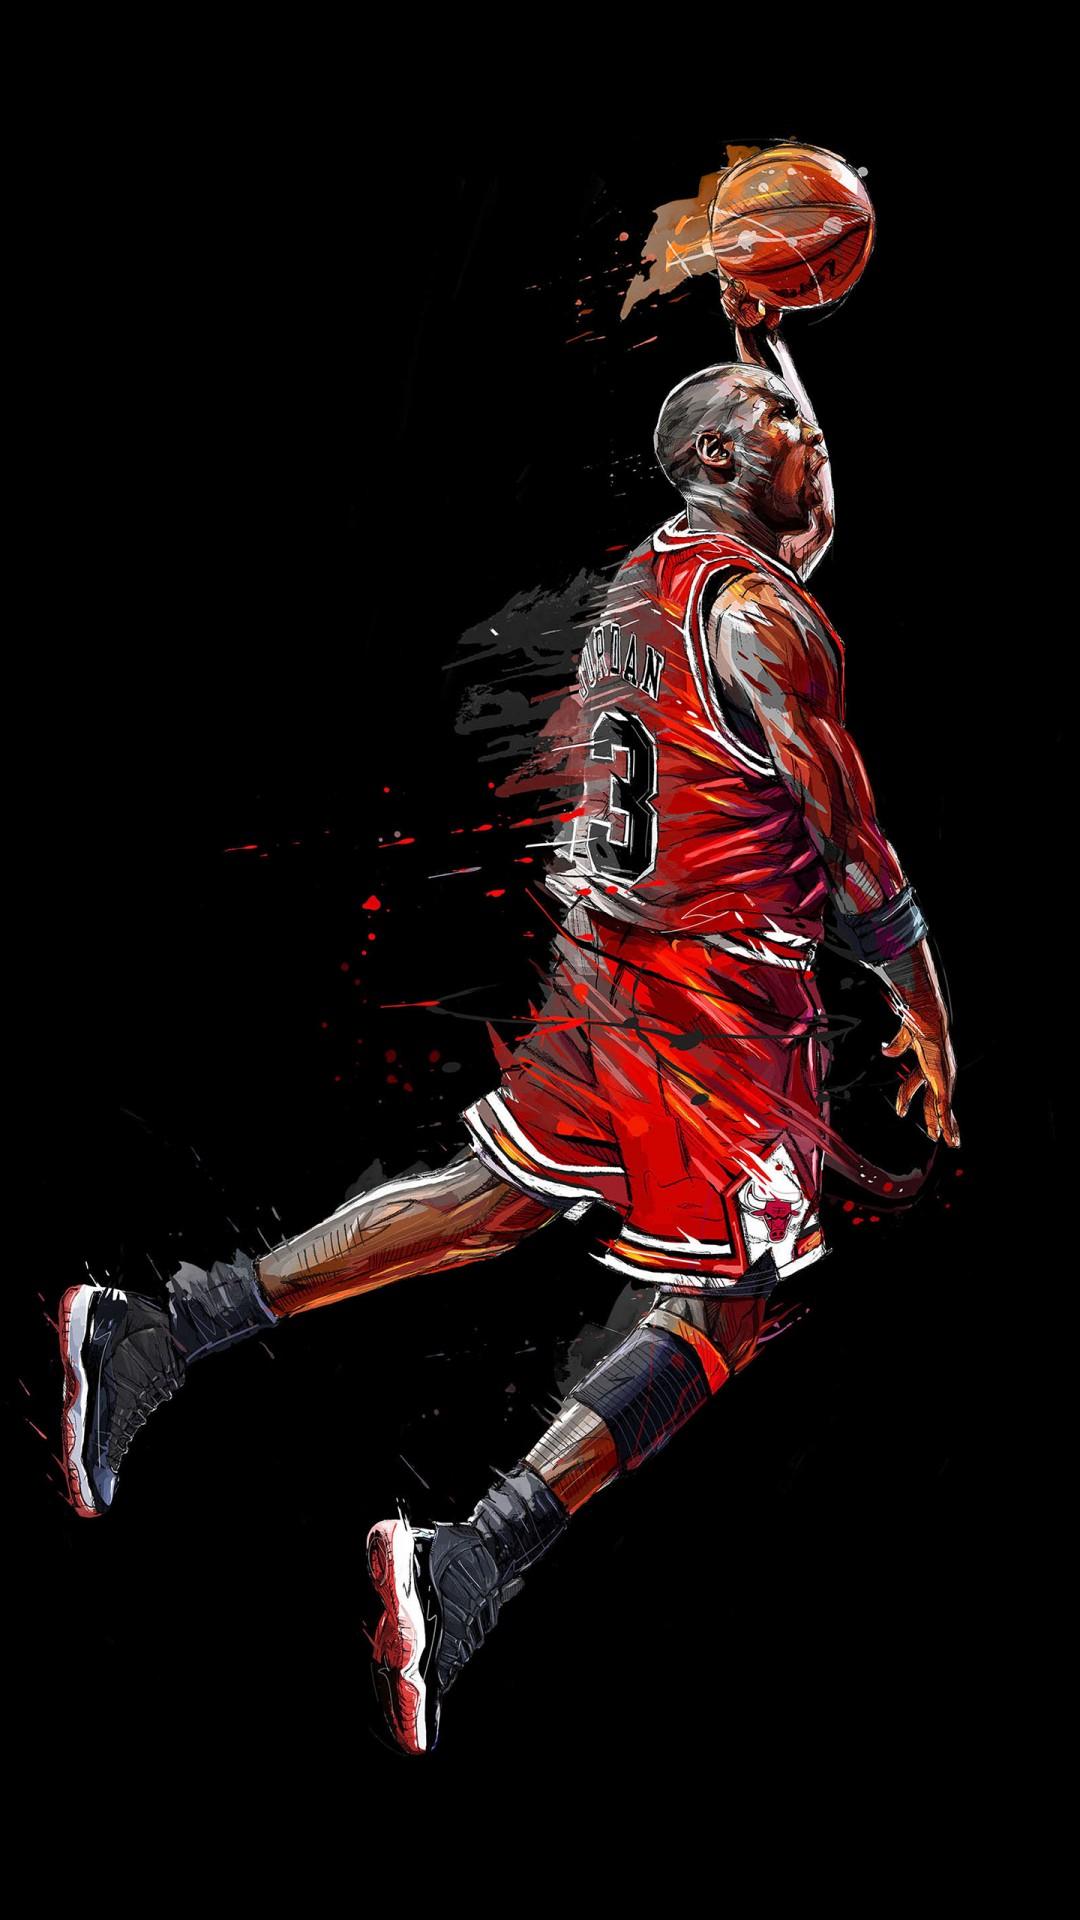 Messi Wallpaper Iphone 6 Michael Jordan Artwork 5k Wallpapers Hd Wallpapers Id